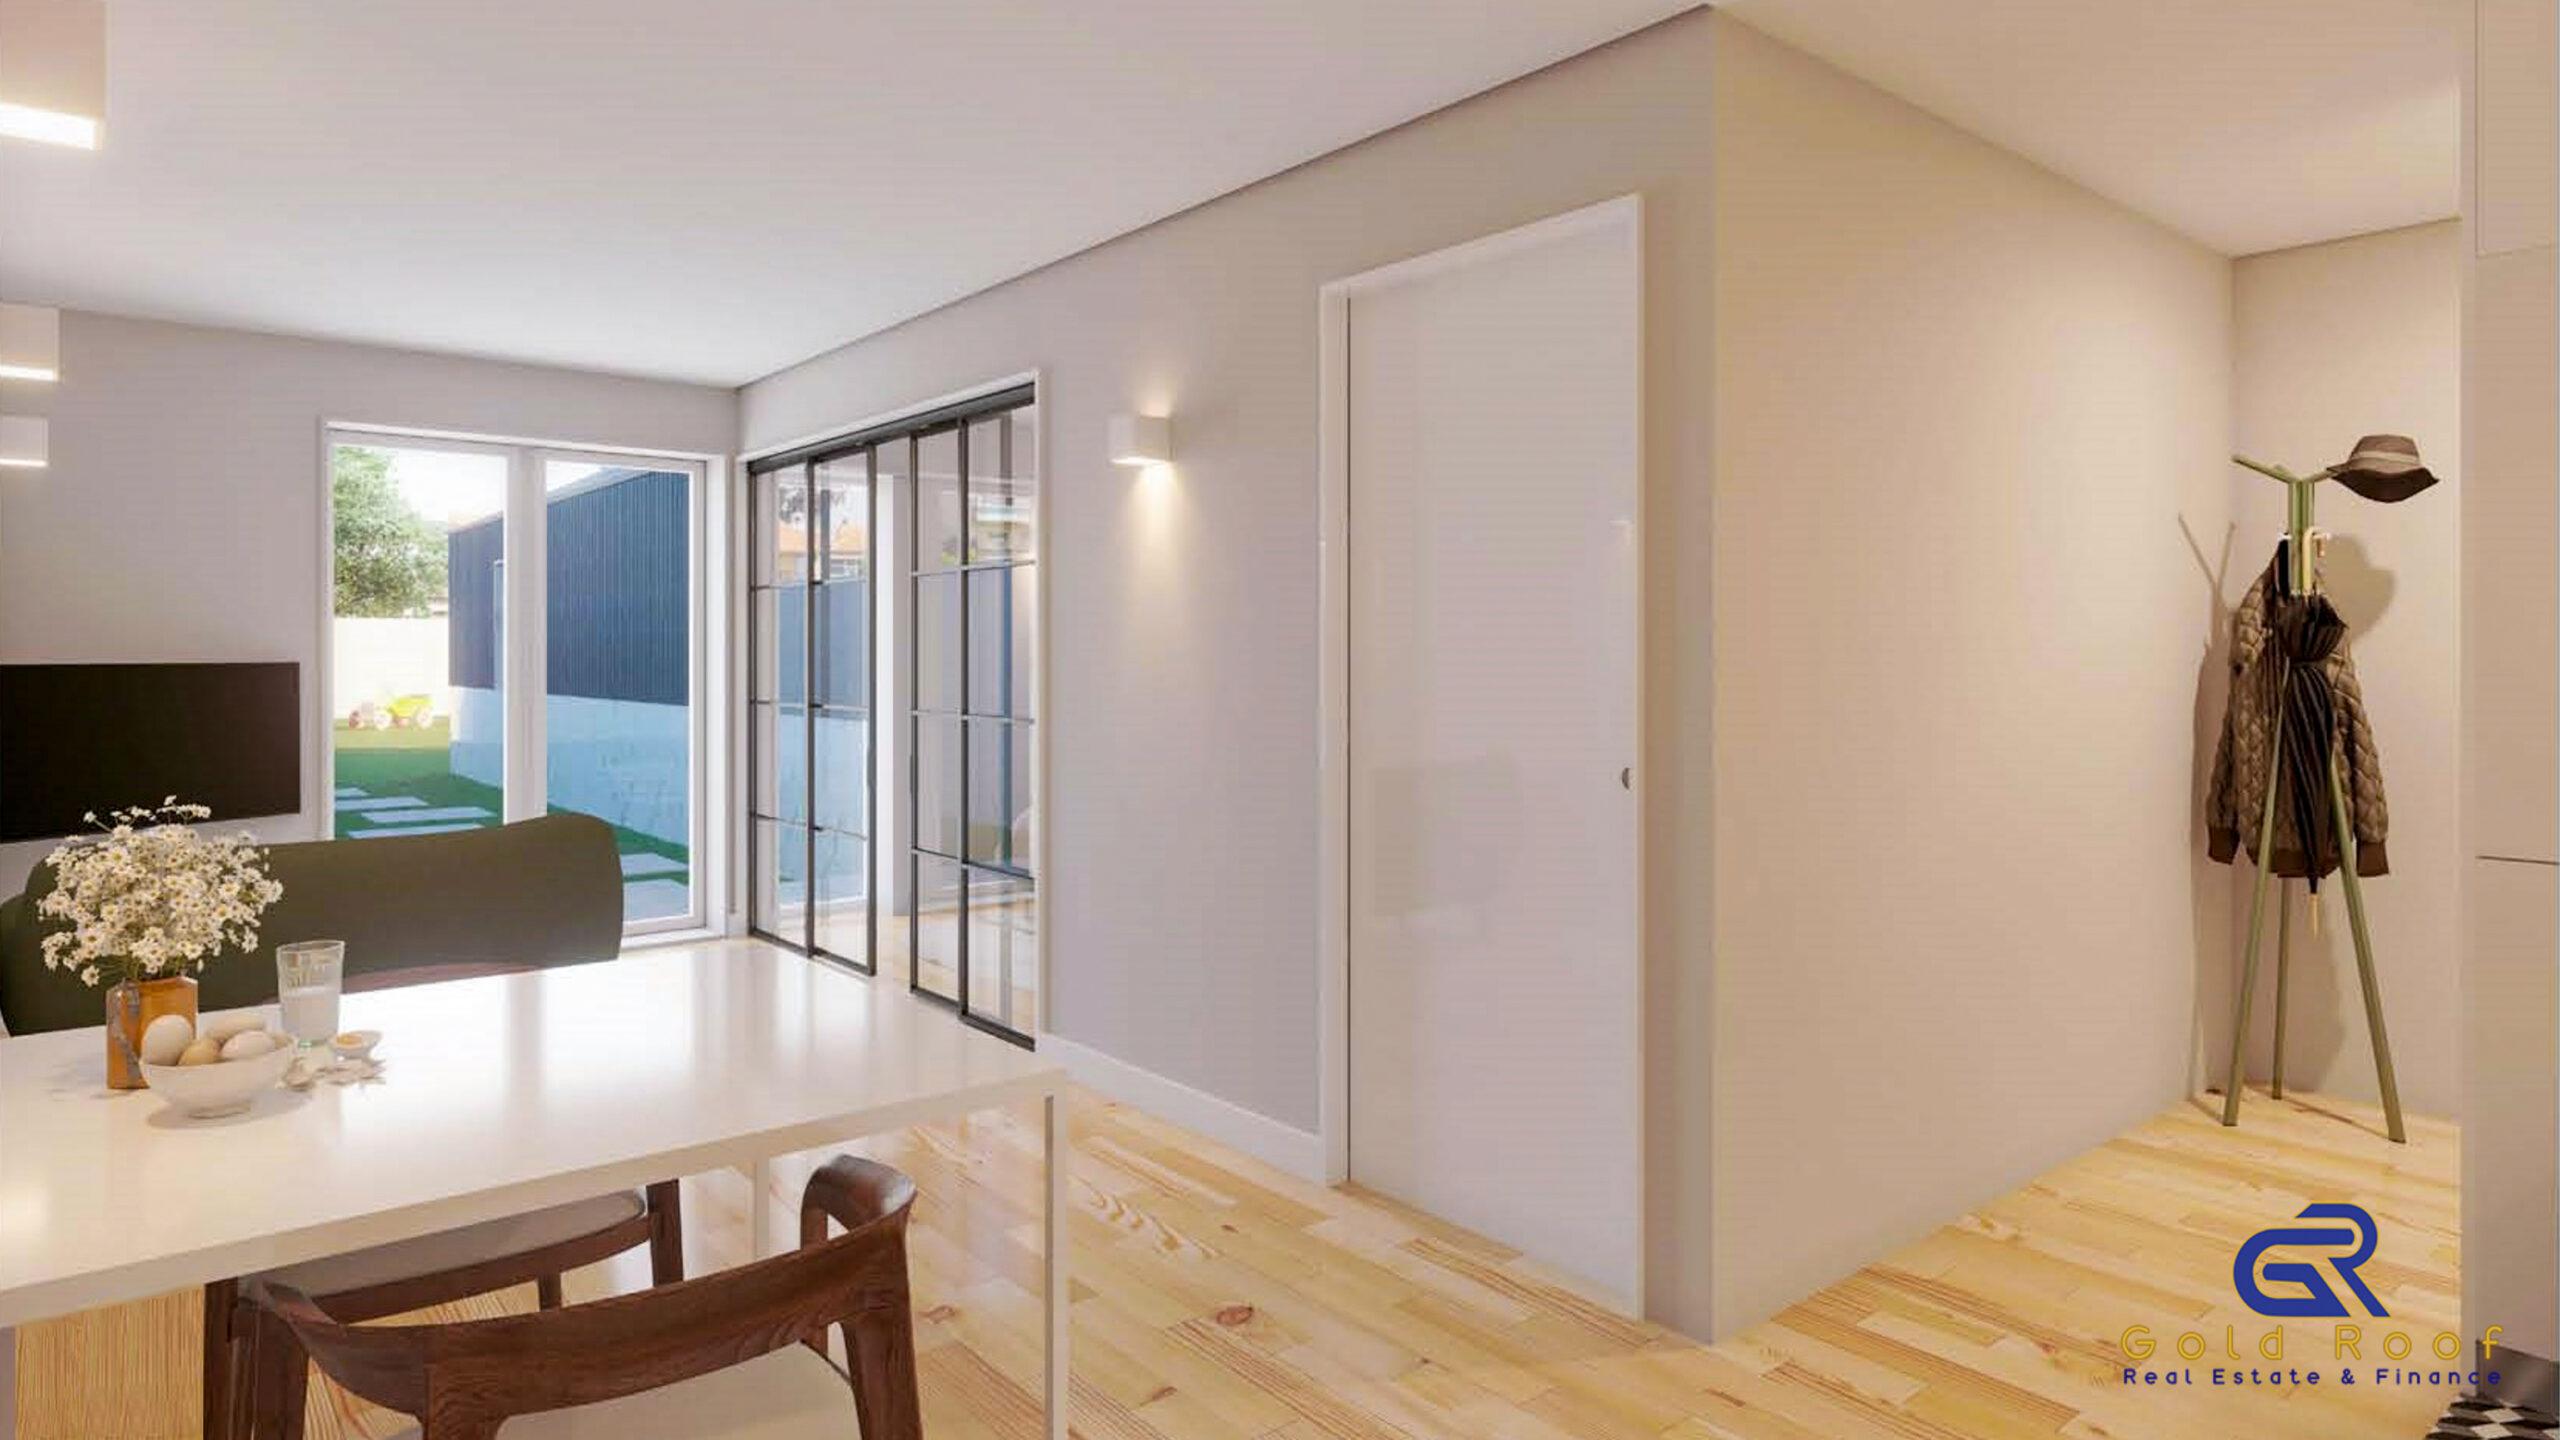 Appartement studio+1 avec terrasse et parking, près de la plage, Espinho